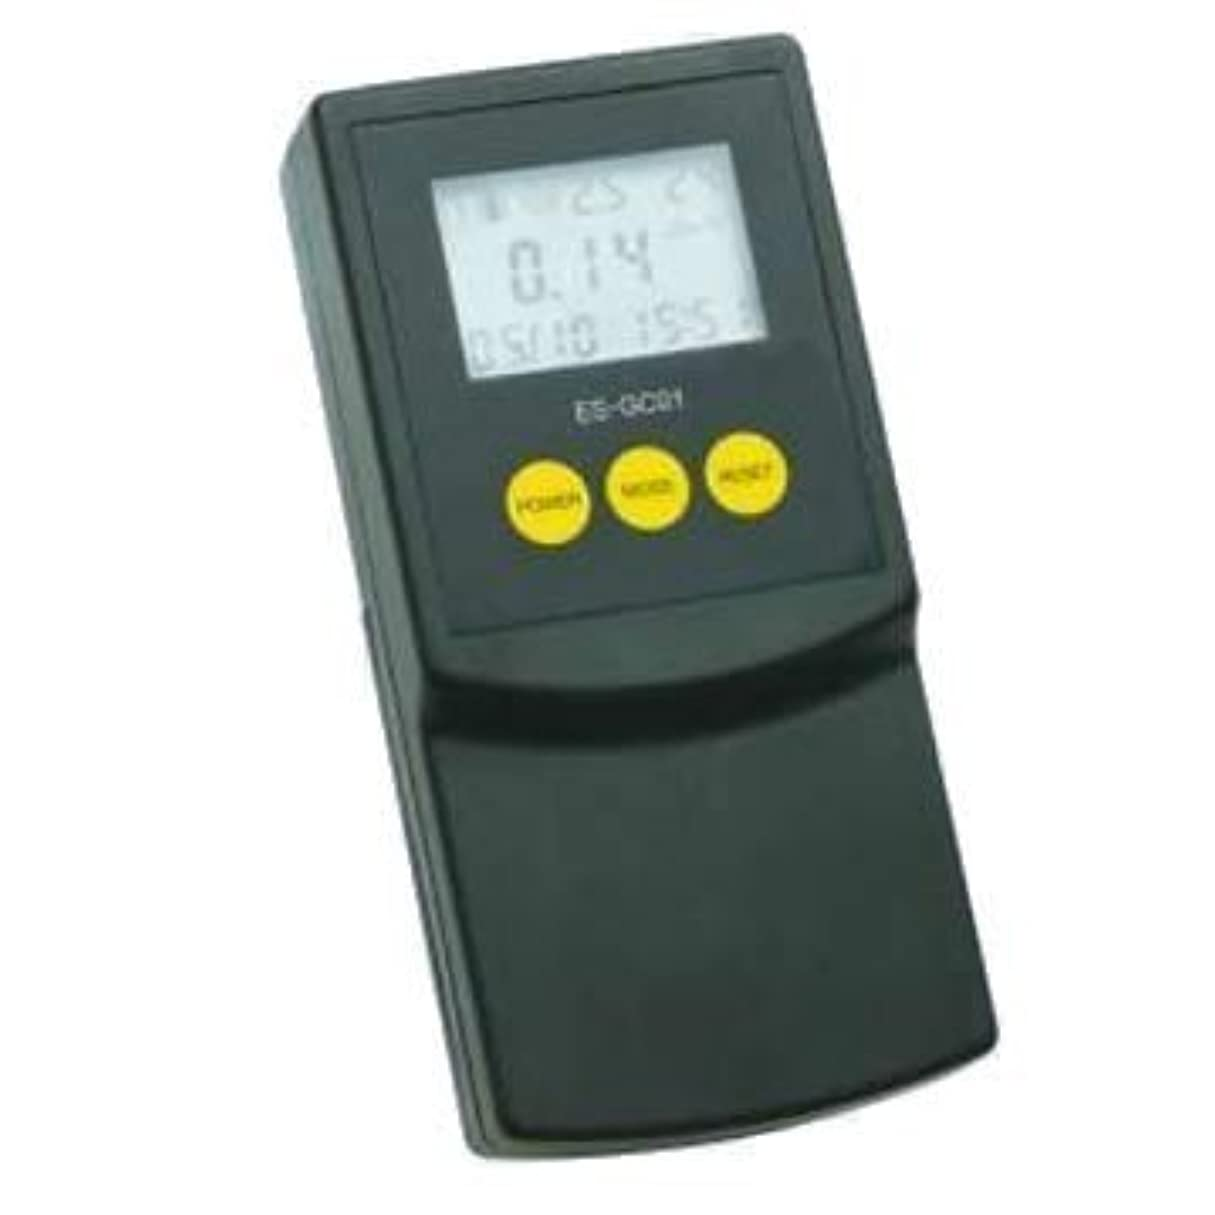 を必要としています多用途故障恵比寿製作所 放射線測定器ガイガーカウンター 線量計 電池駆動式 ES-GC01